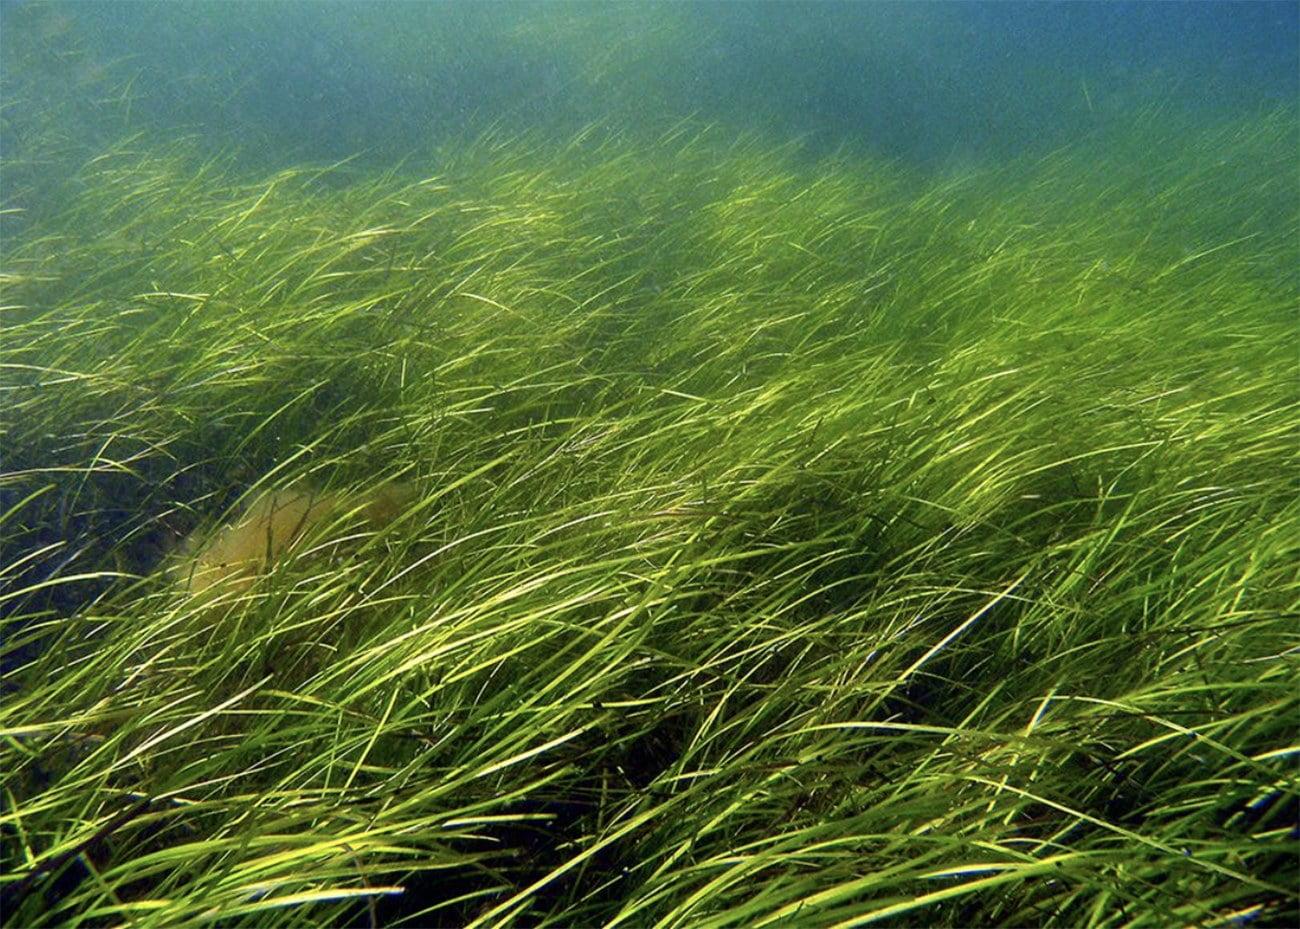 imagem de gramas marinhas